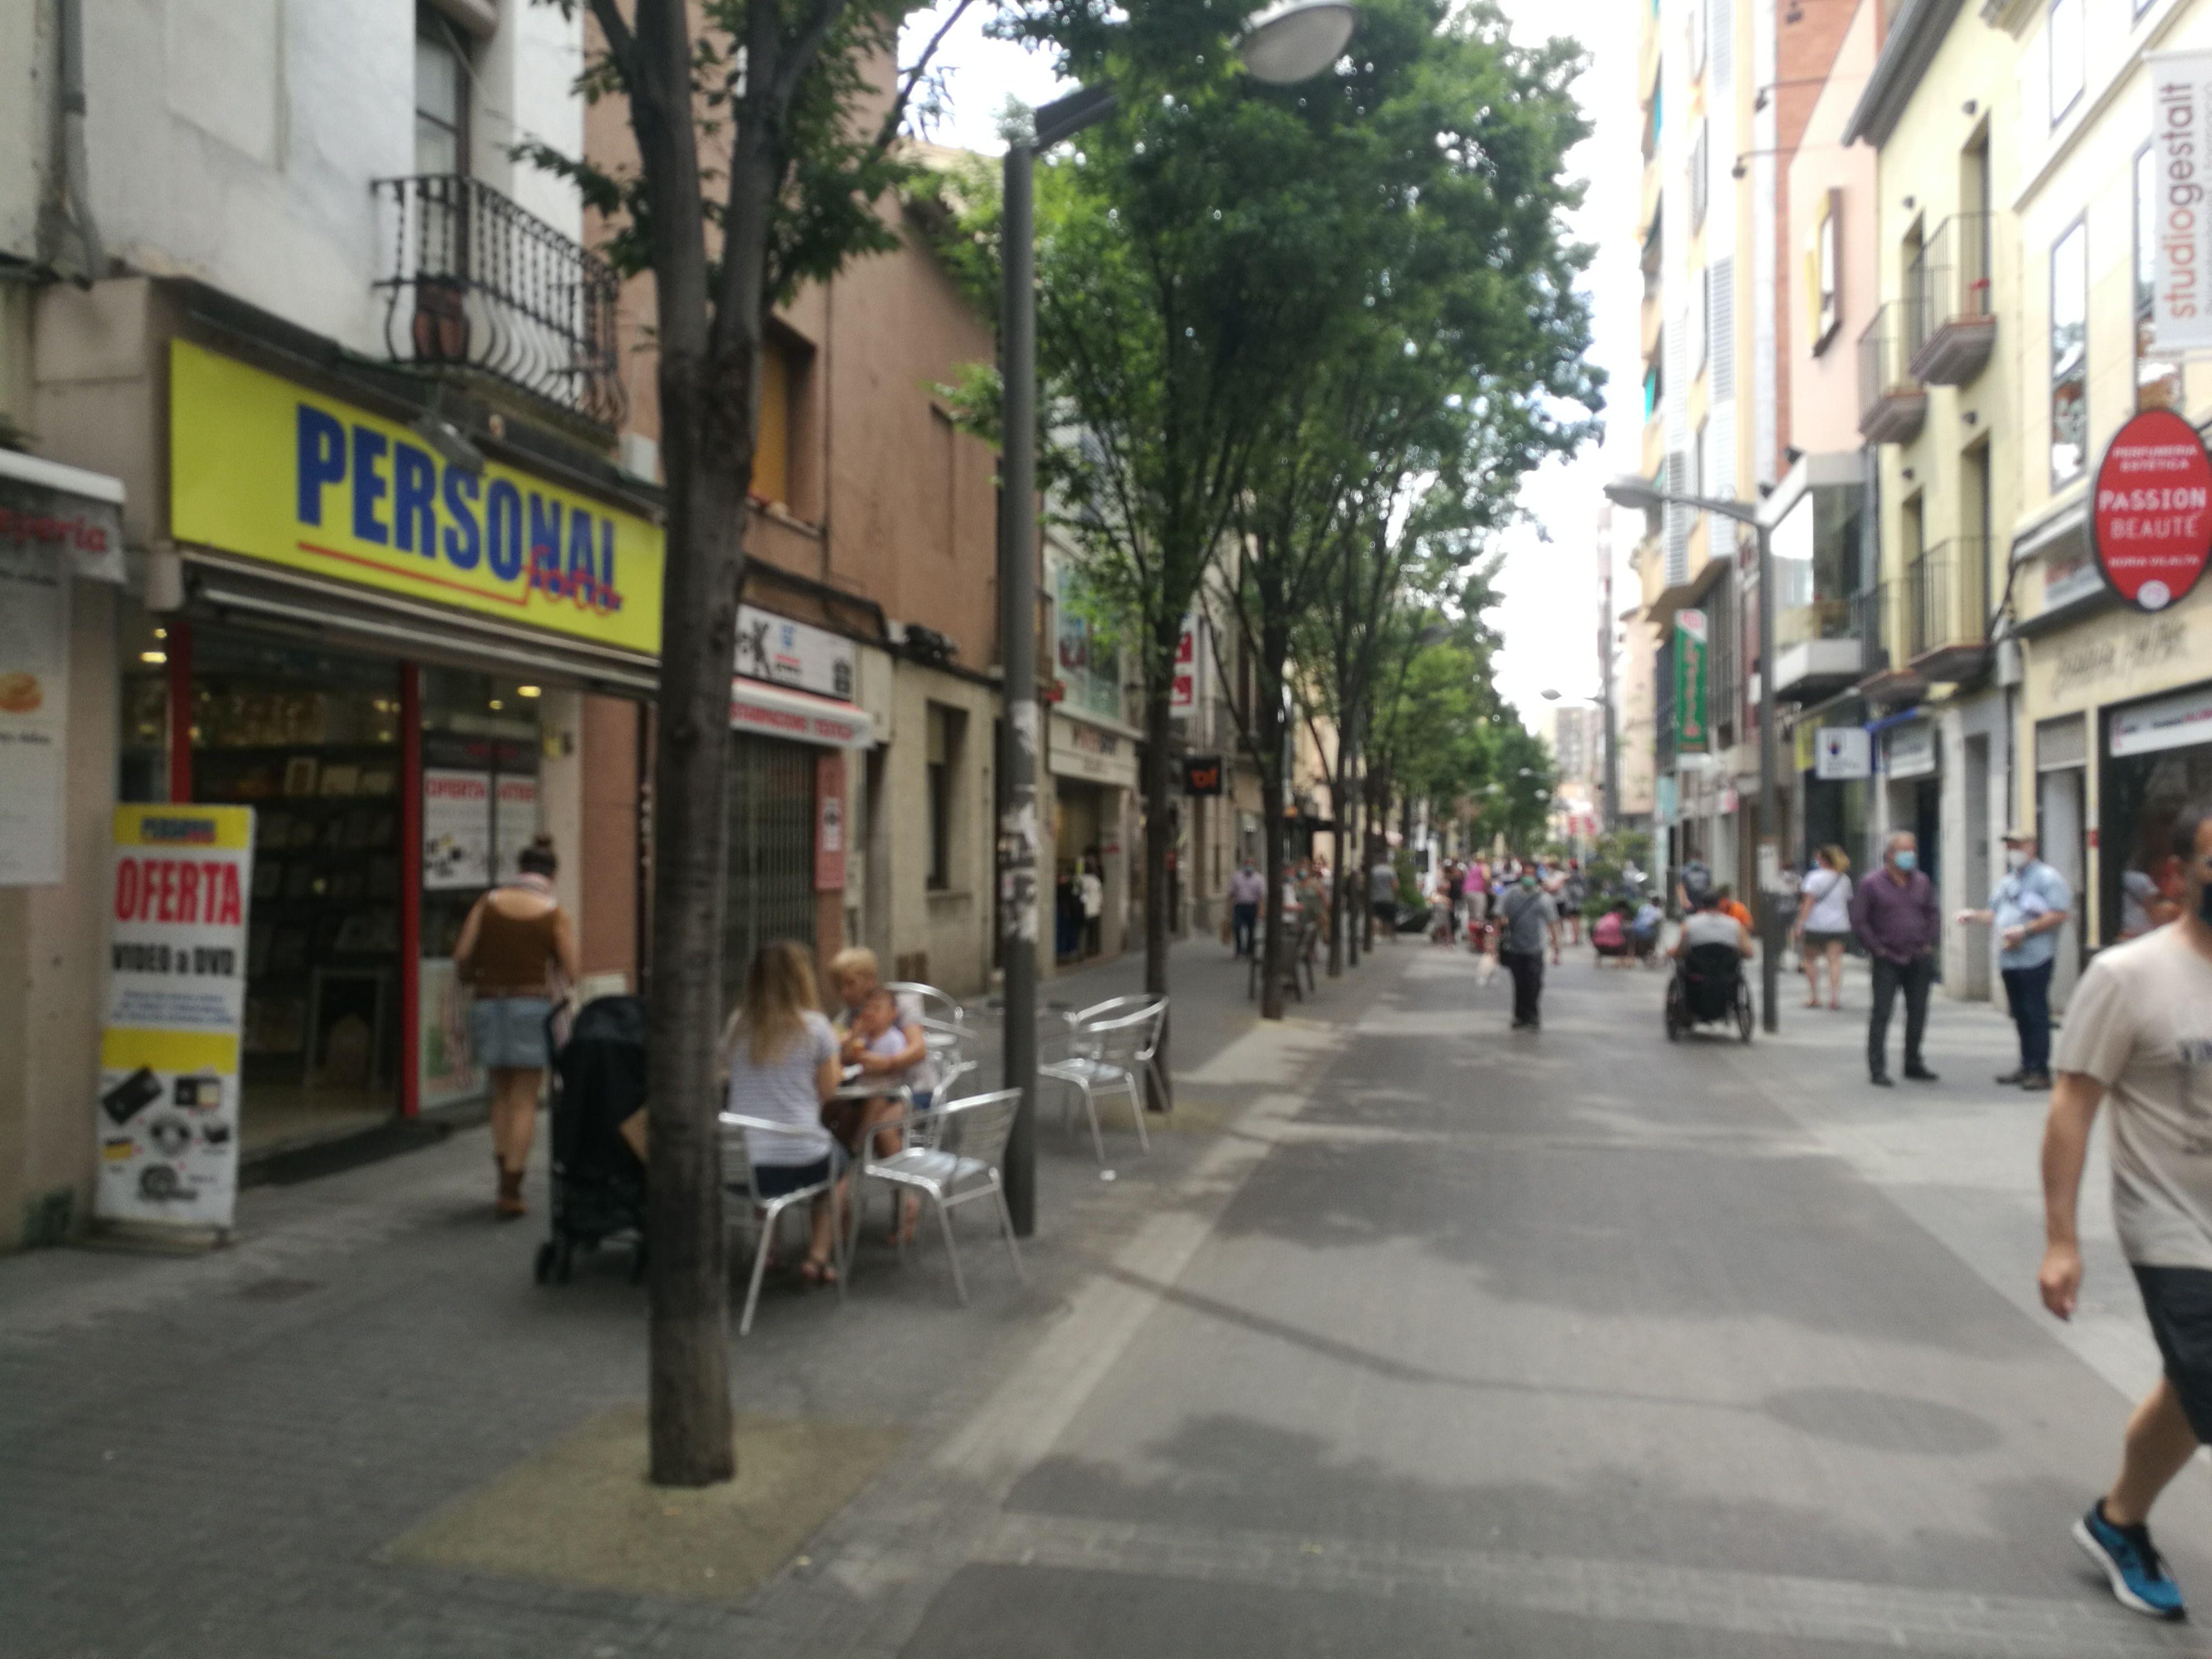 La Generalitat demana finalment que les regions de Barcelona i Lleida passin a fase 3 dilluns. FOTO: N.Hueso